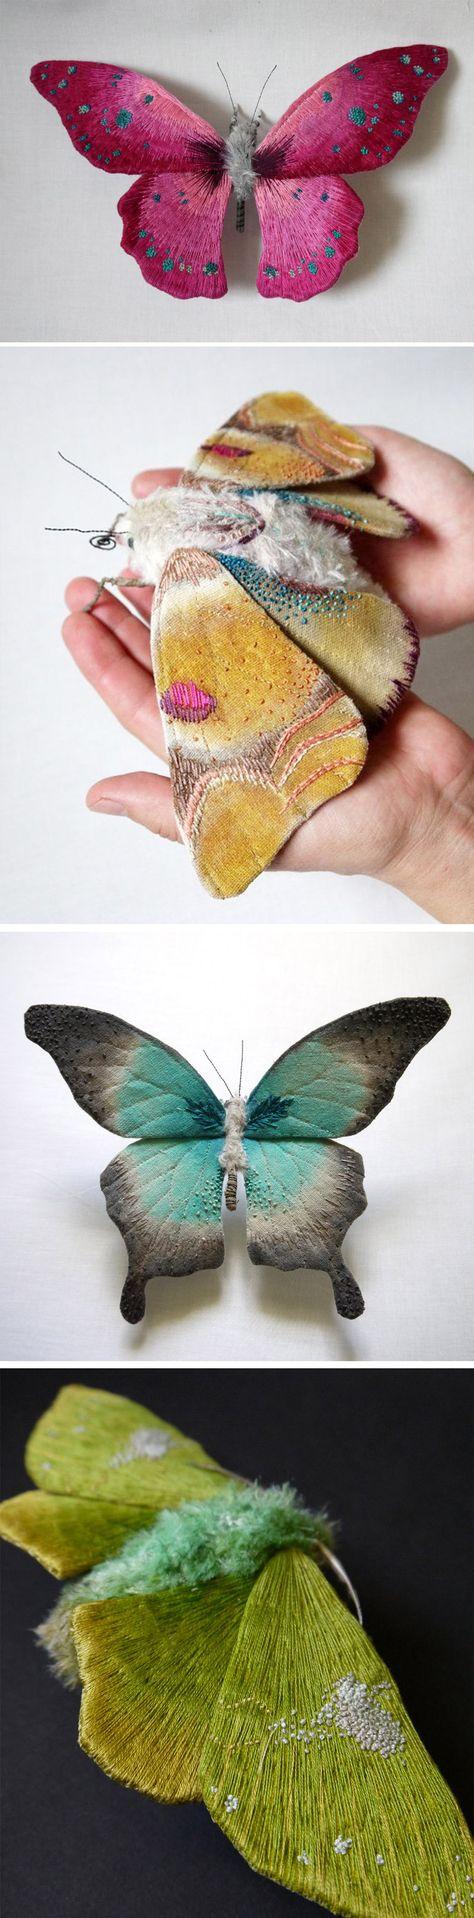 die 64 besten bilder von filzen bienenkäfer   filzen